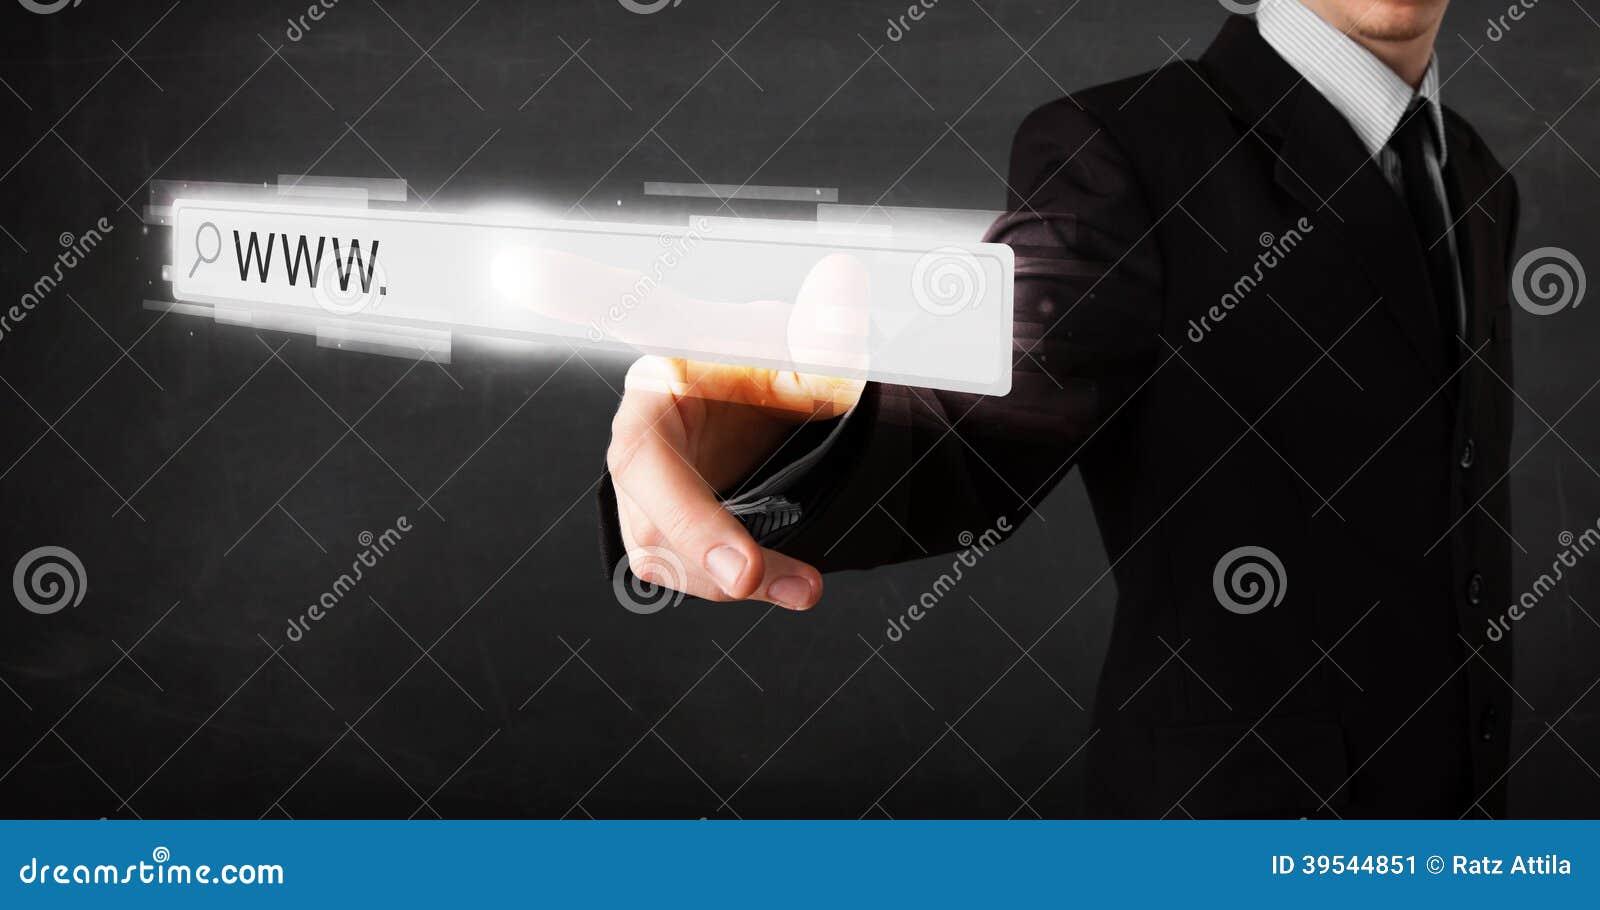 Barra tocante do endereço do web browser do homem de negócios novo com sinal de WWW